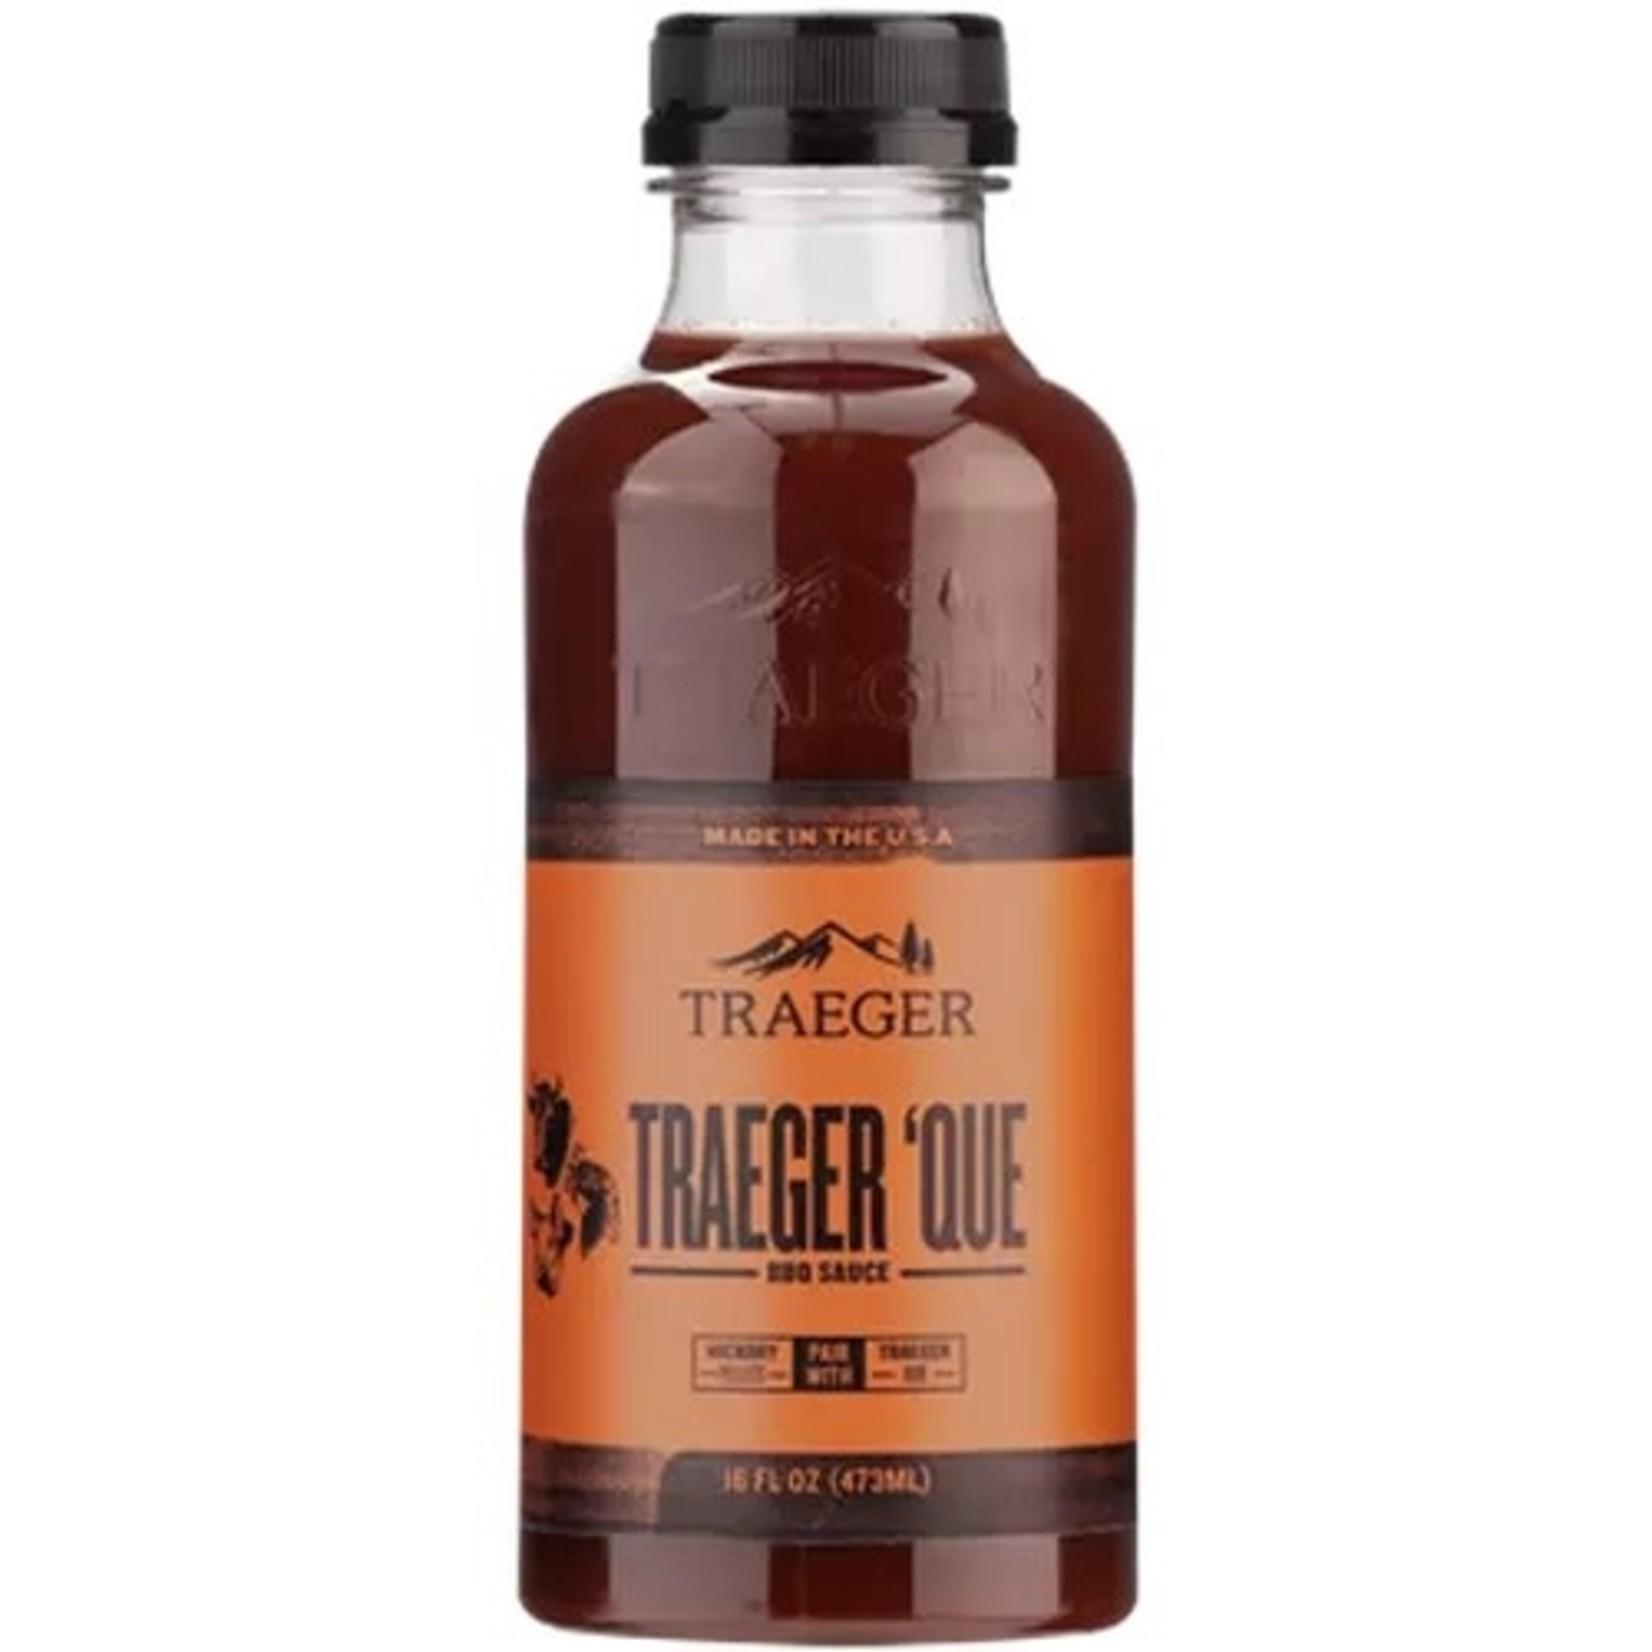 Traeger Traeger BBQ sauce  Traeger 'Que